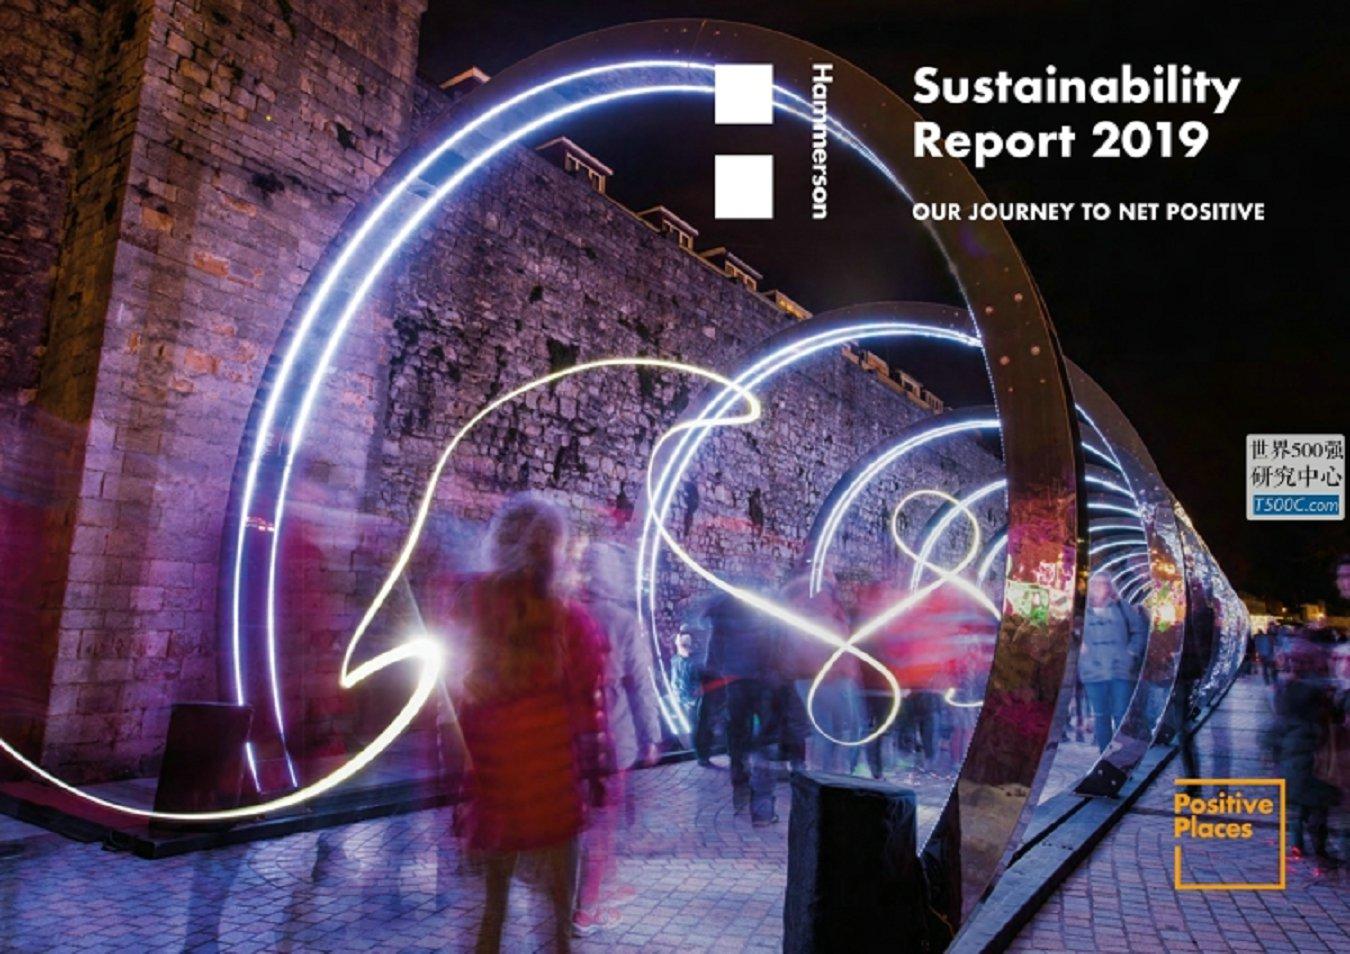 汉莫森Hammerson_可持续发展报告Sustainability_2019_T500C.com